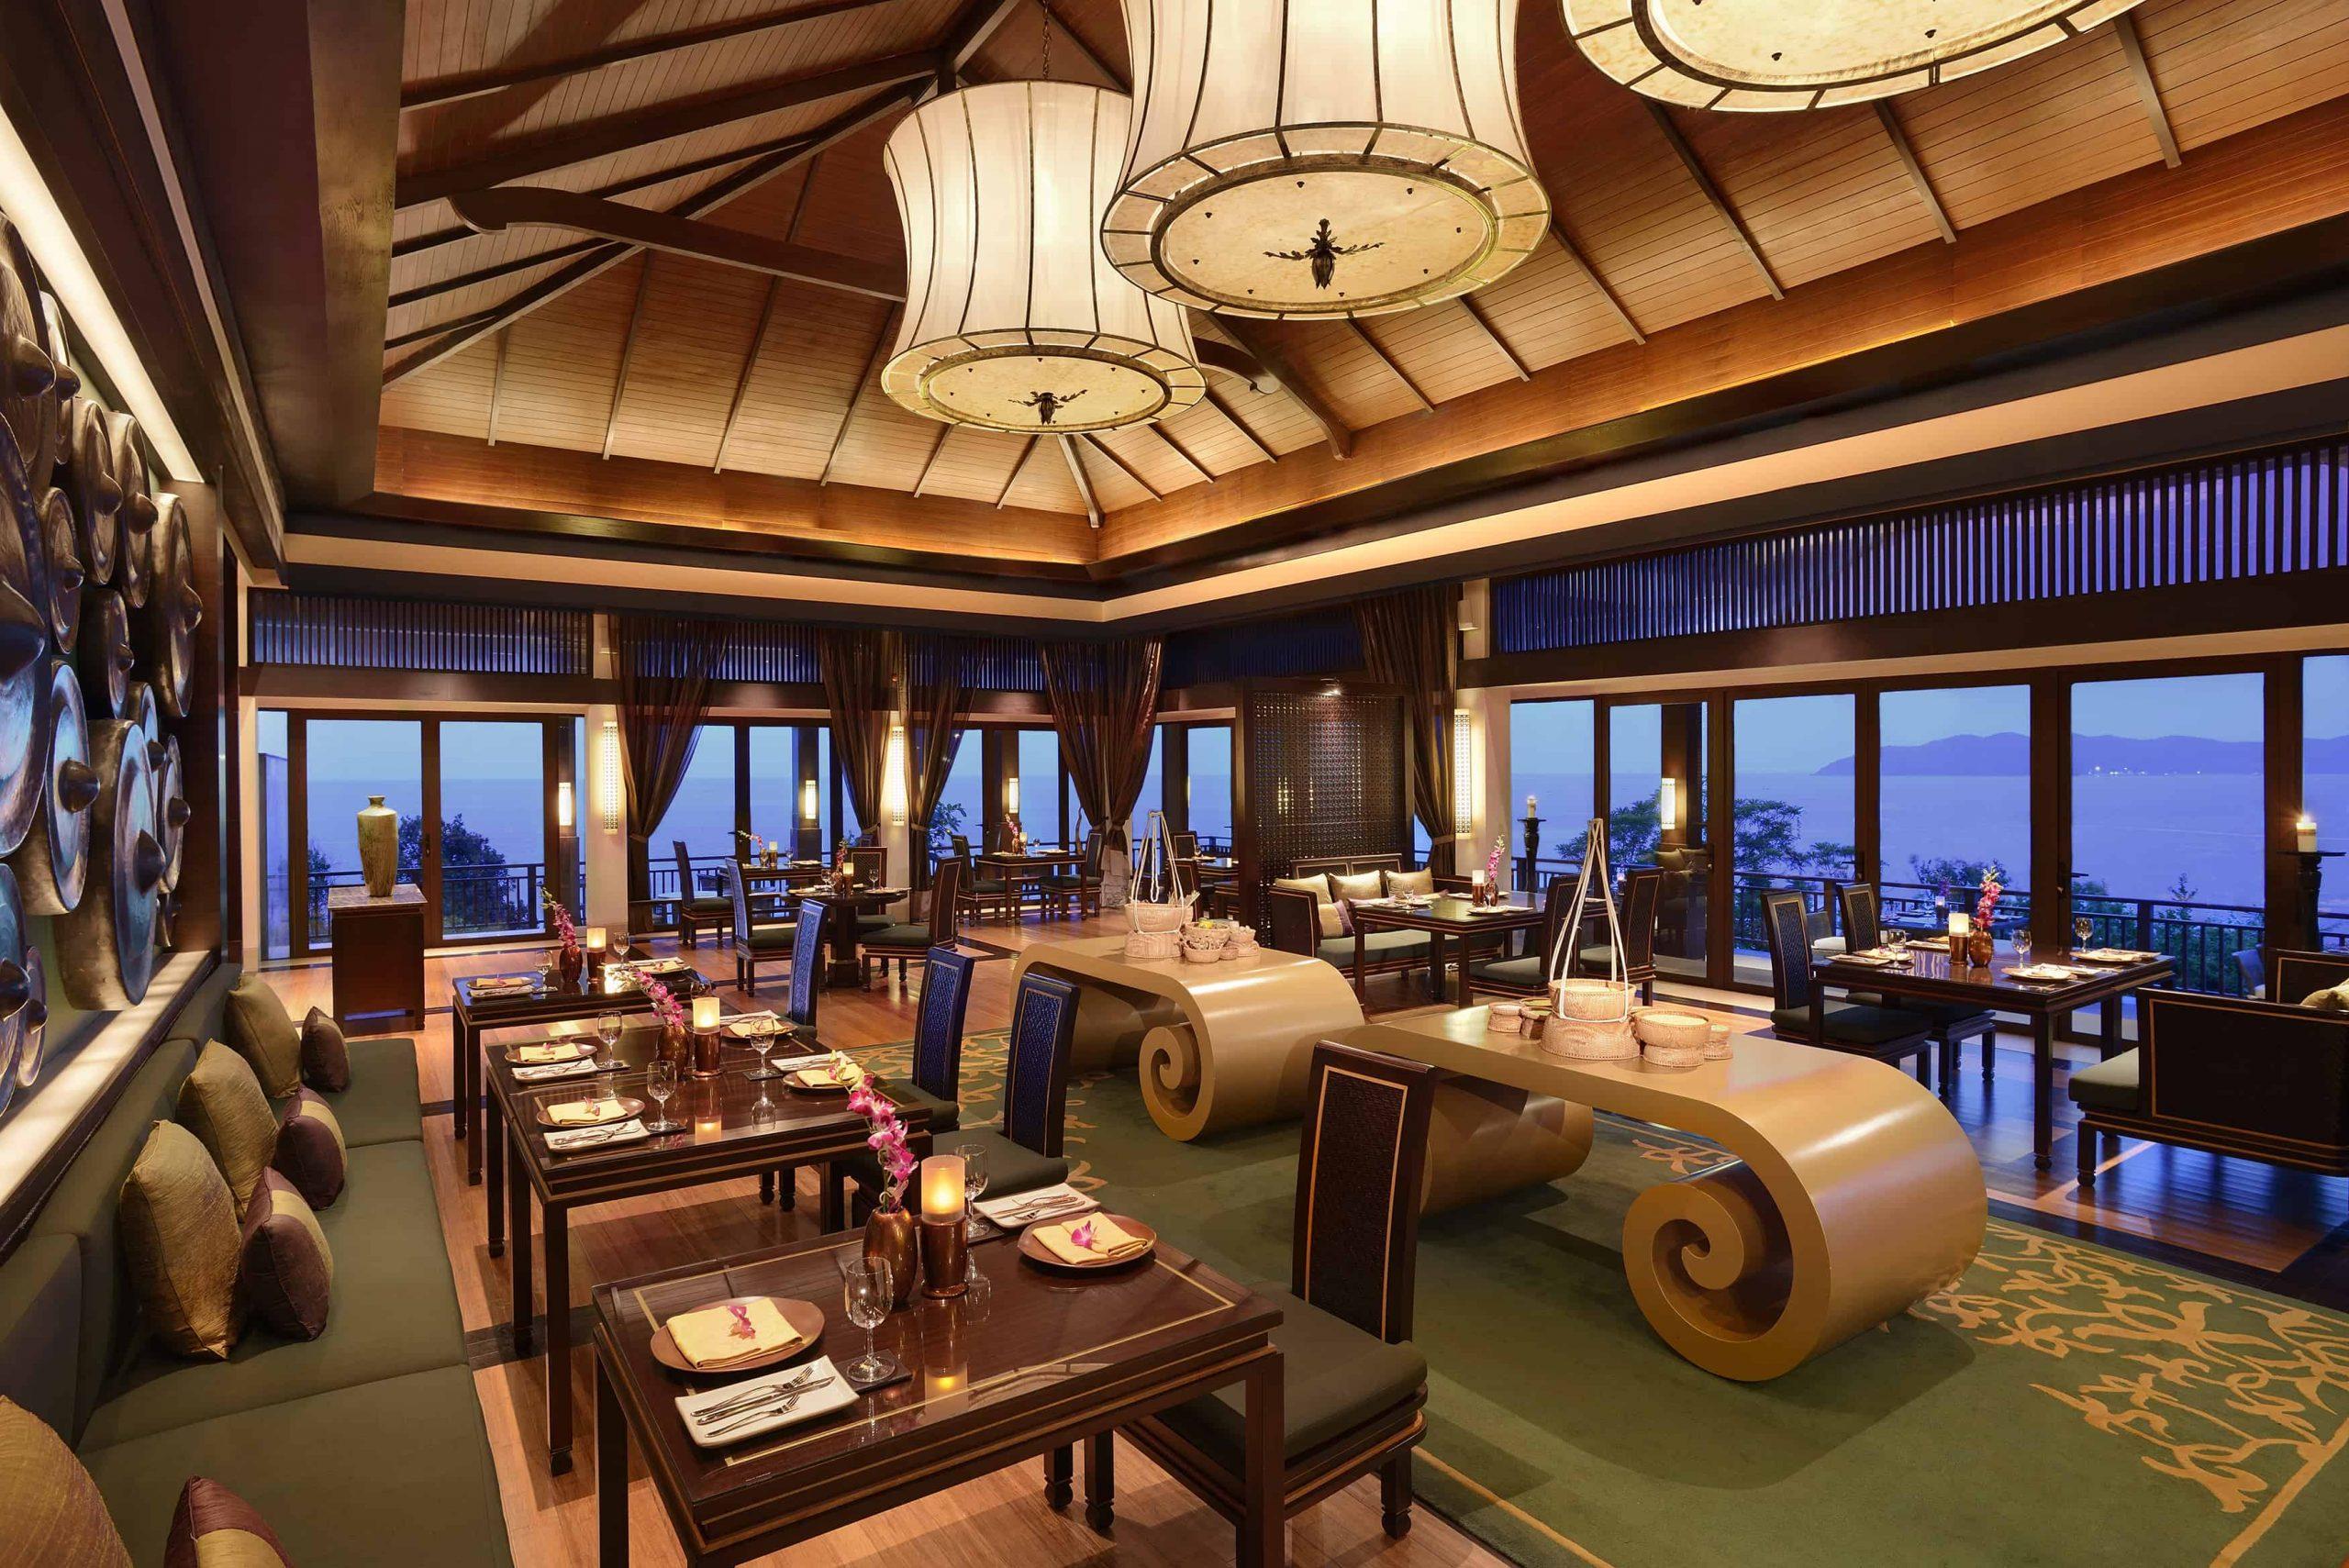 Nhà hàng Saffron Lăng Cô chứa đựng tinh hoa ẩm thực Thái